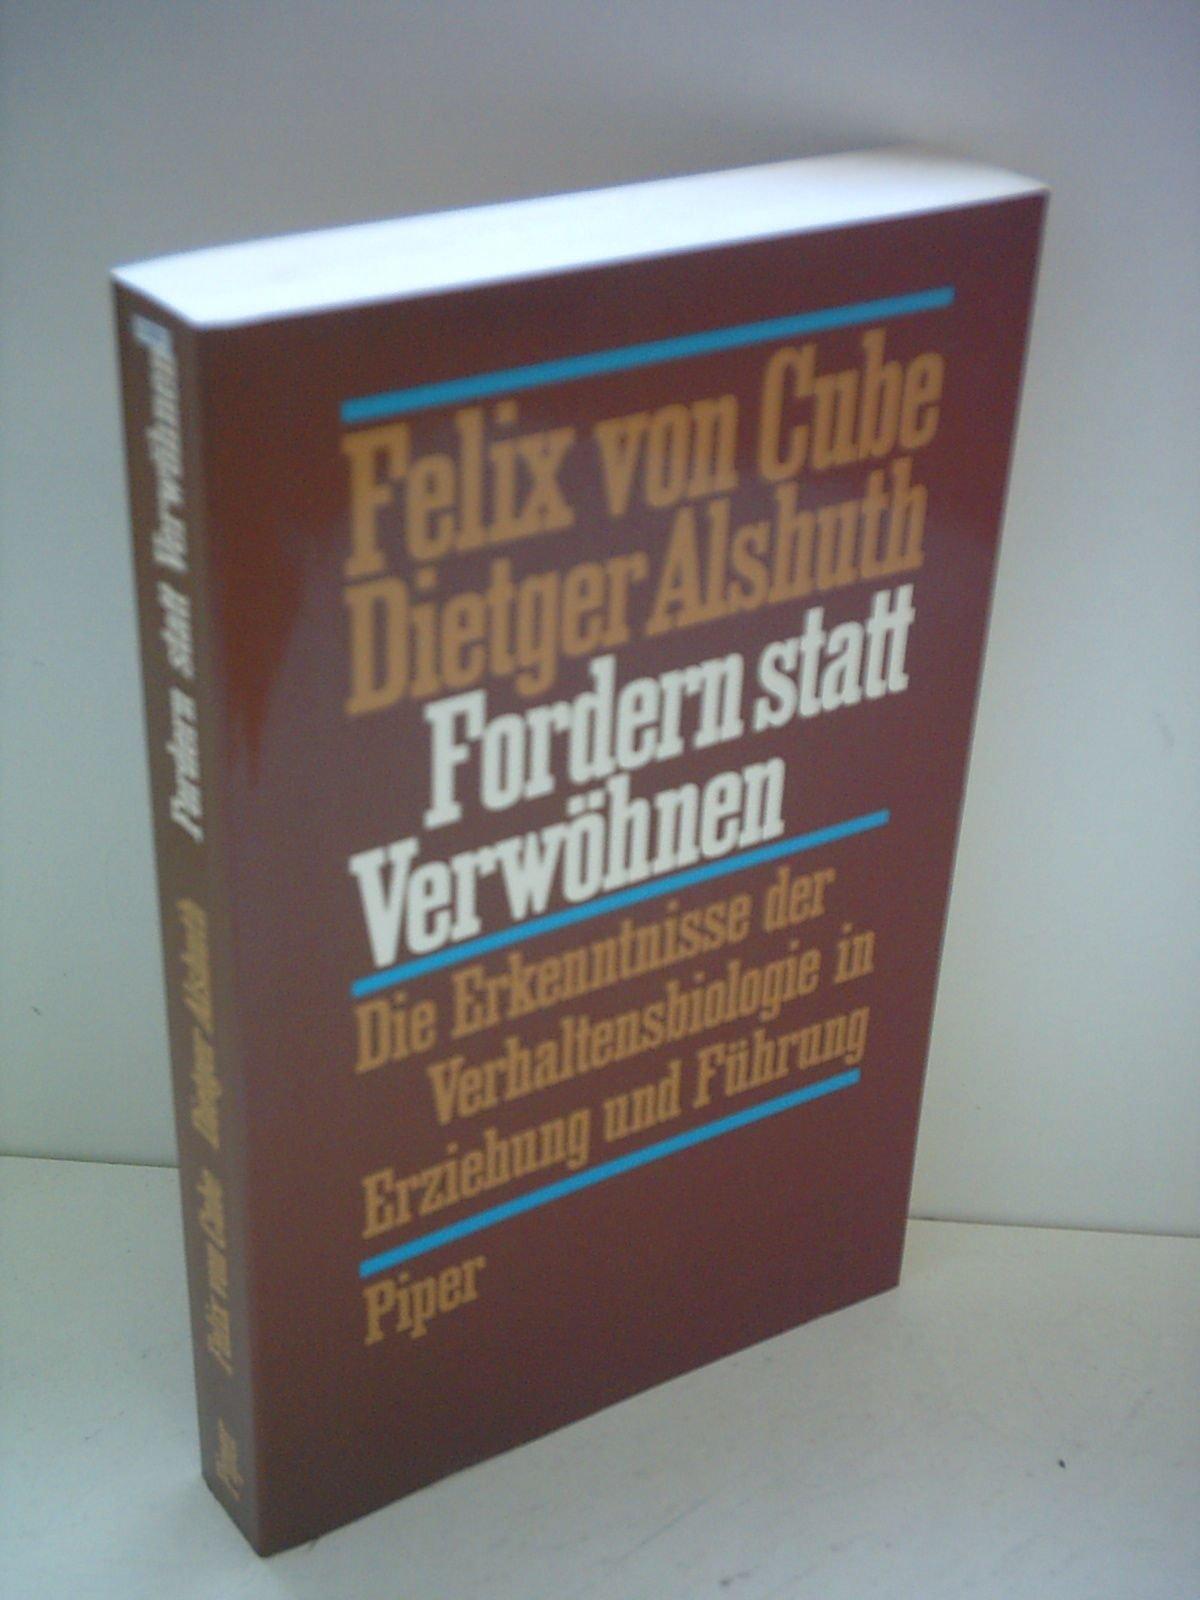 Felix von Cube: Fordern statt Verwöhnen - Die Erkenntnisse der Verhaltensbiologie in Erziehung und Führung